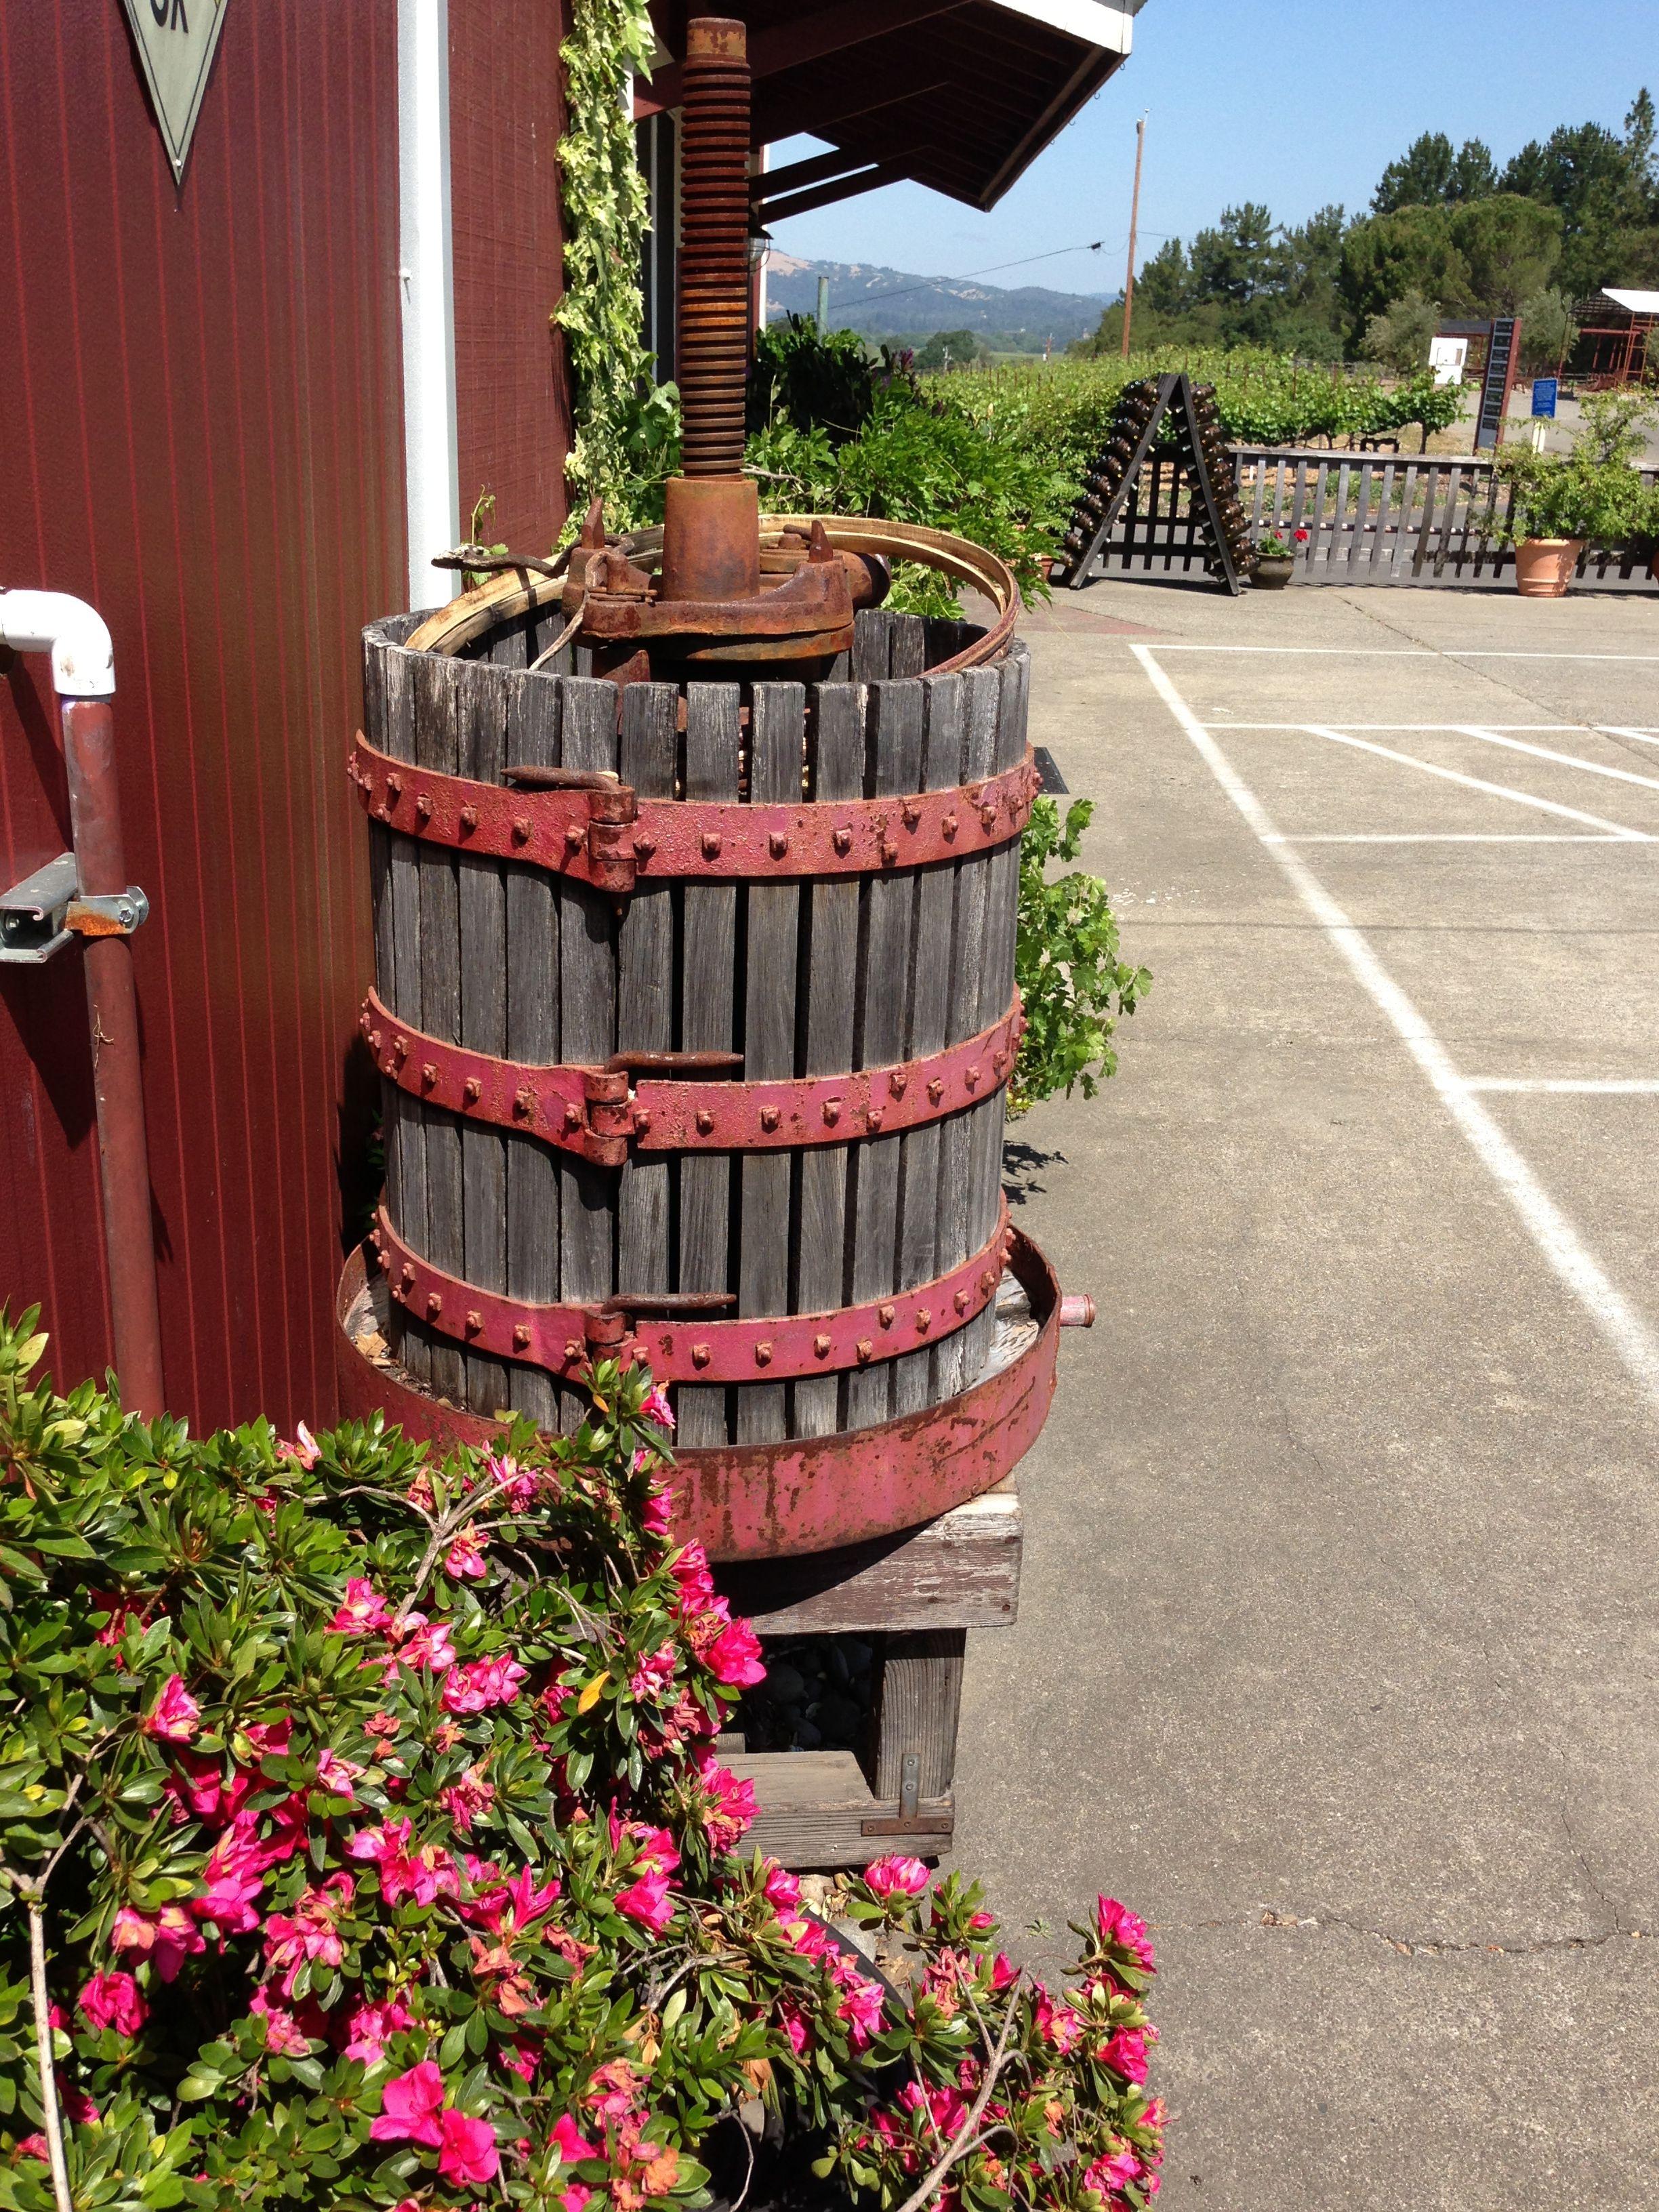 Healdsburg Wine Tours Sonoma Napa Limousine Service Sonoma Wine Country Wine Press California Wine